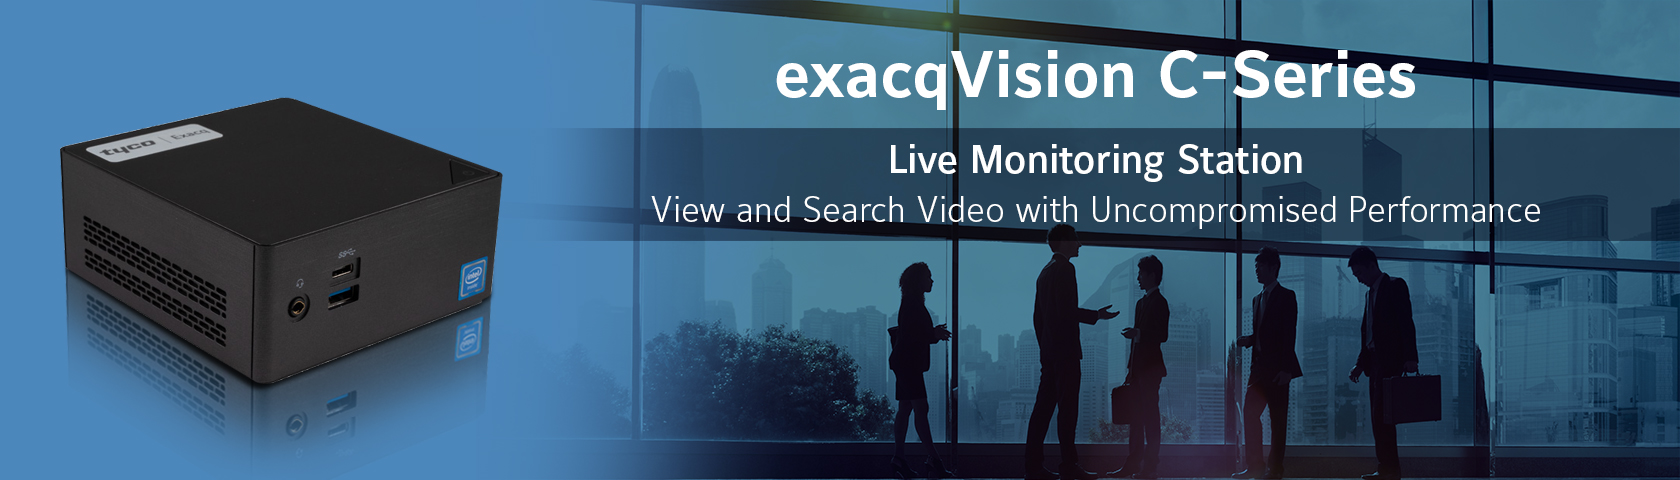 exacqVision C Series Release